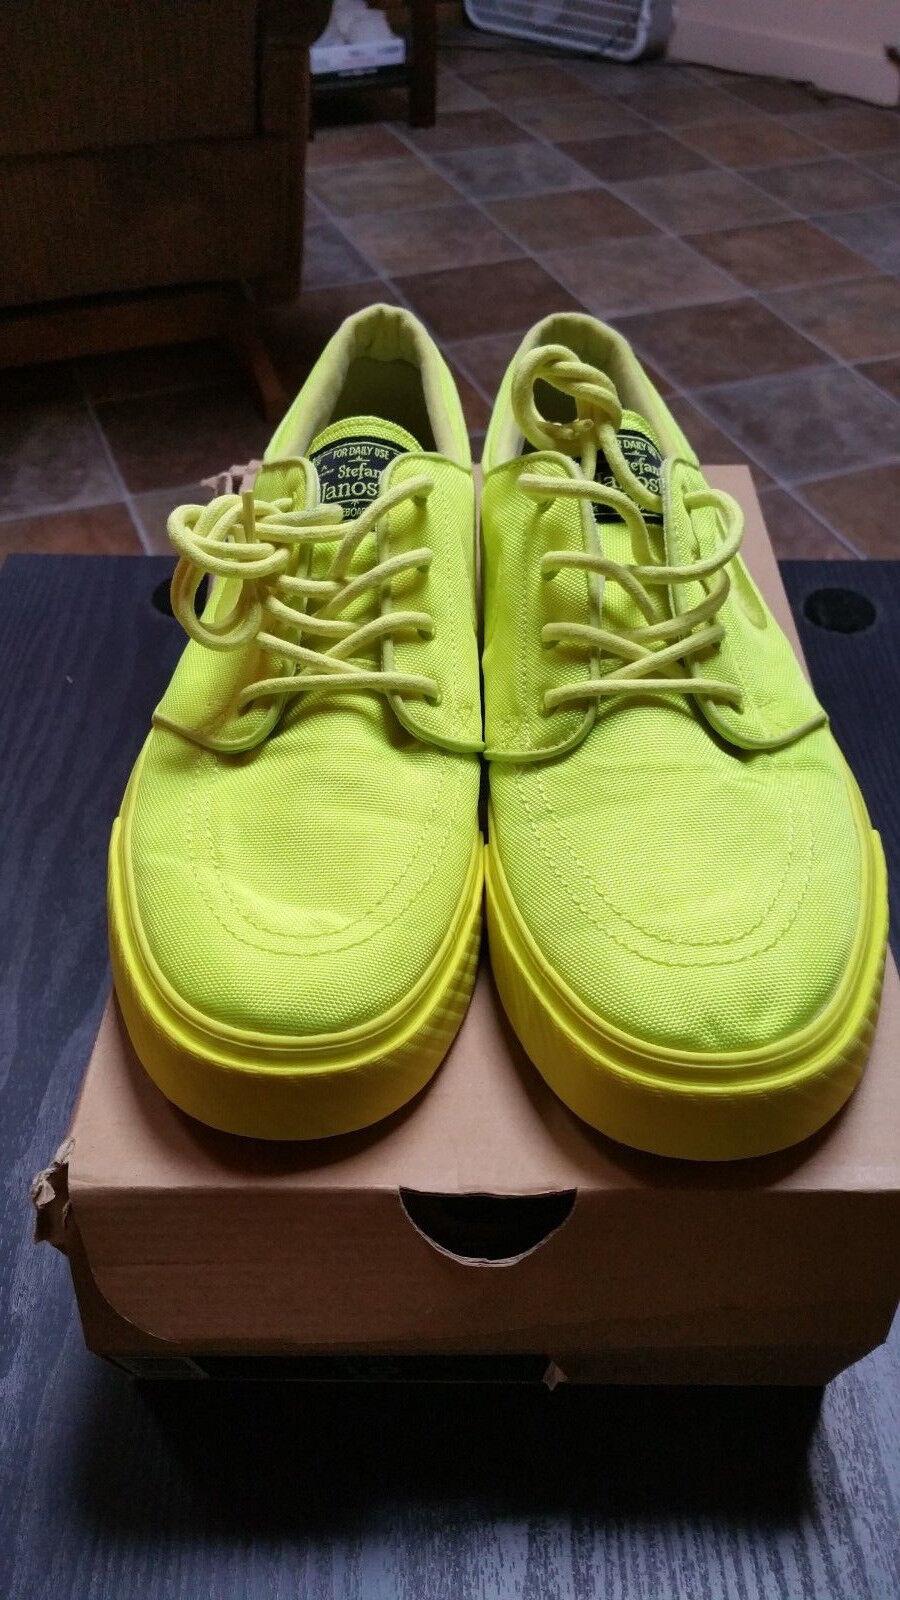 Nike Stefan Janoski mens shoes neon yellow 333824-770 size US 10 LEMON TWIST